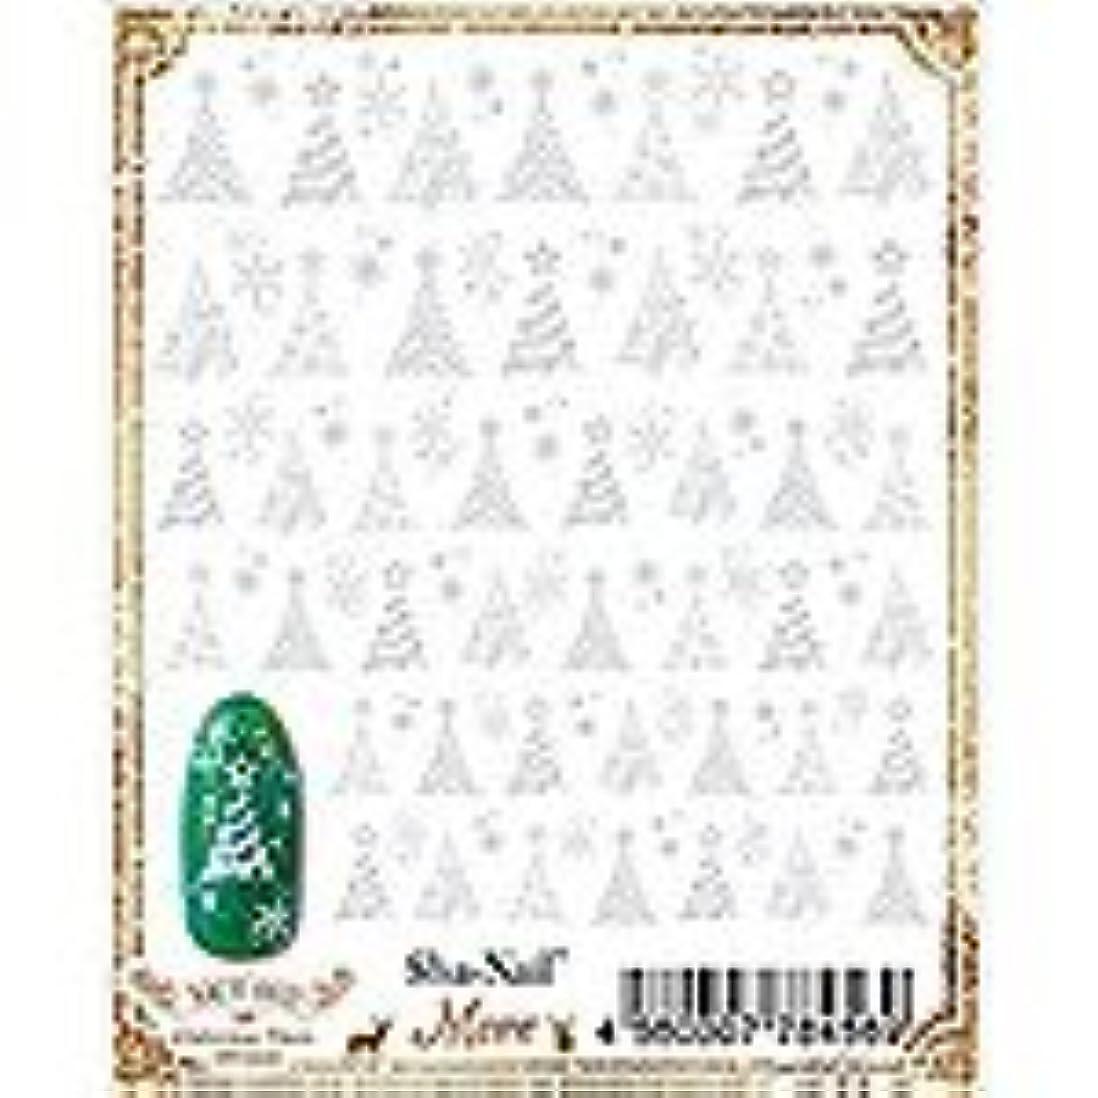 証人失礼敷居クリスマスツリーズ(ホワイト)